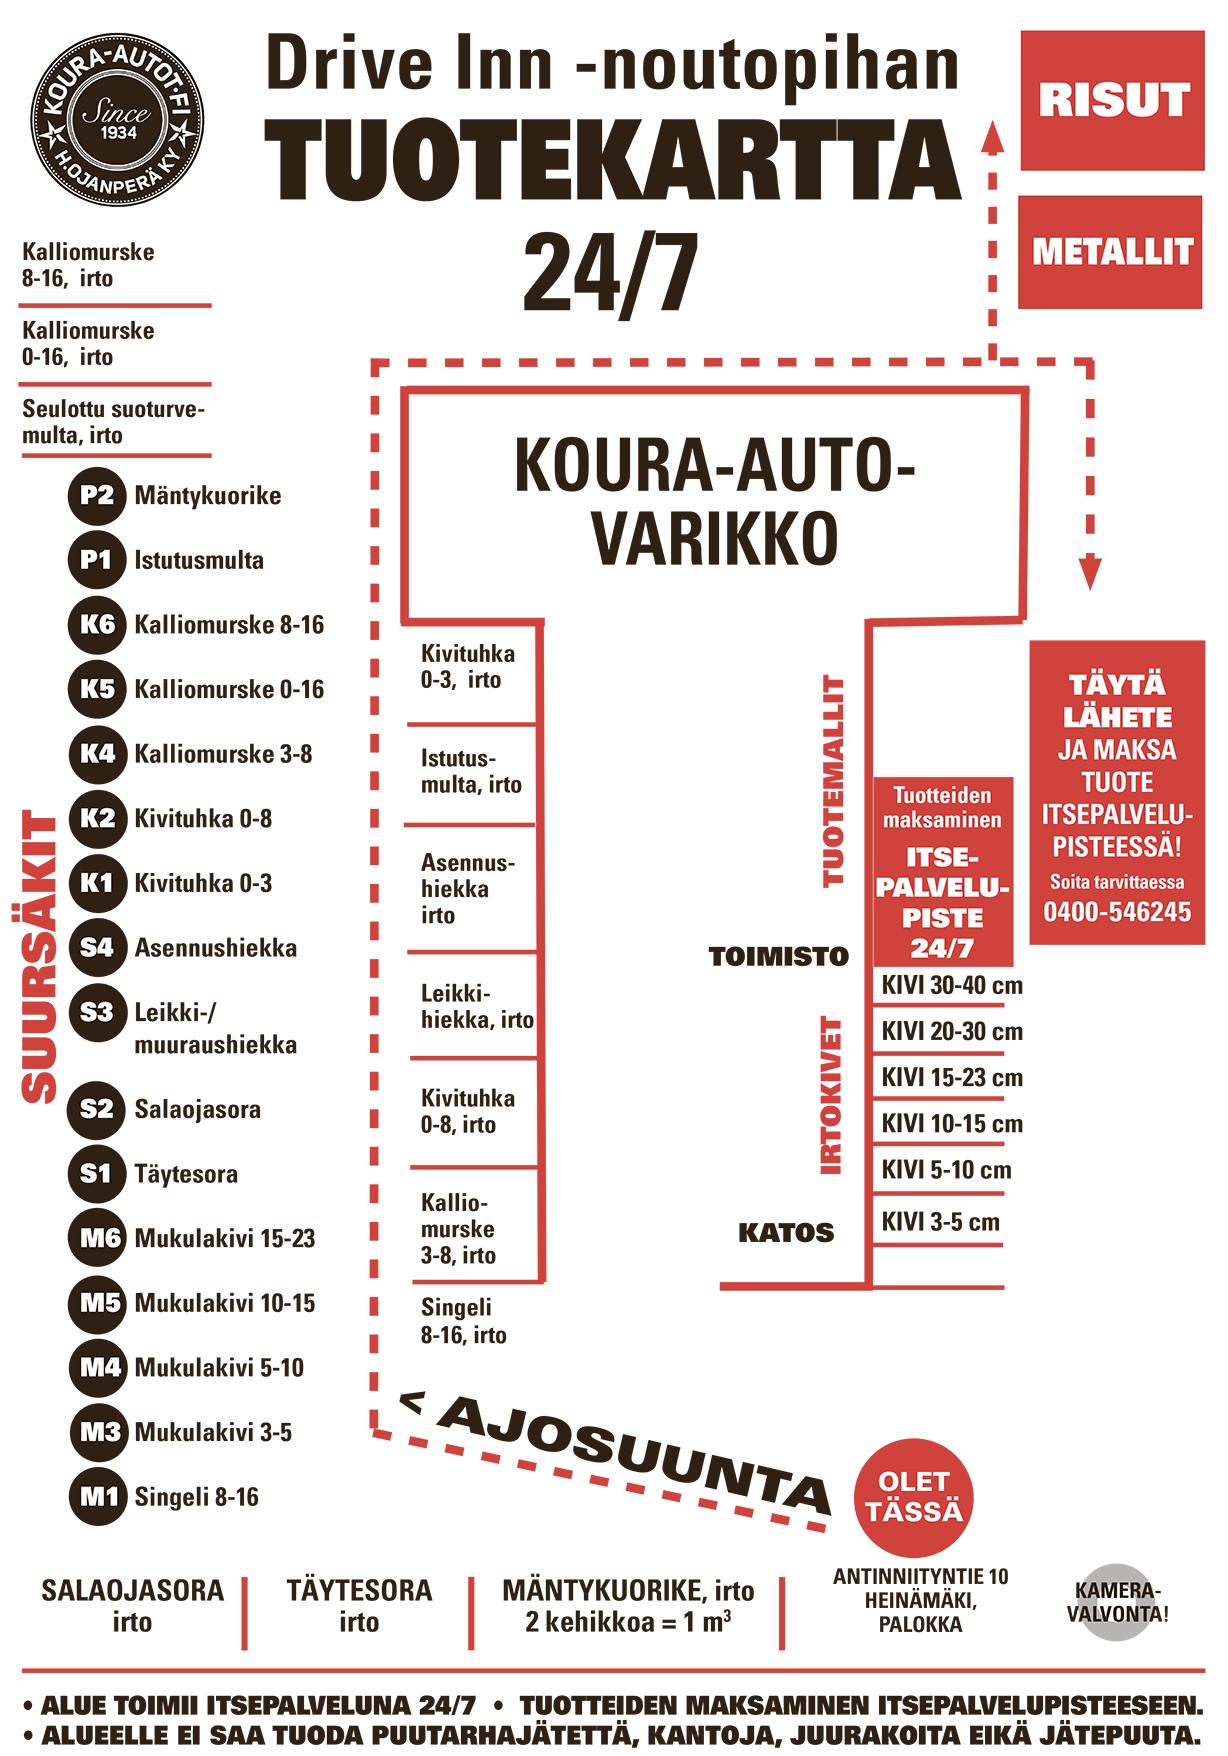 Koura-Autot Ojanperä Drive In -noutopihan tuotekartta 2017